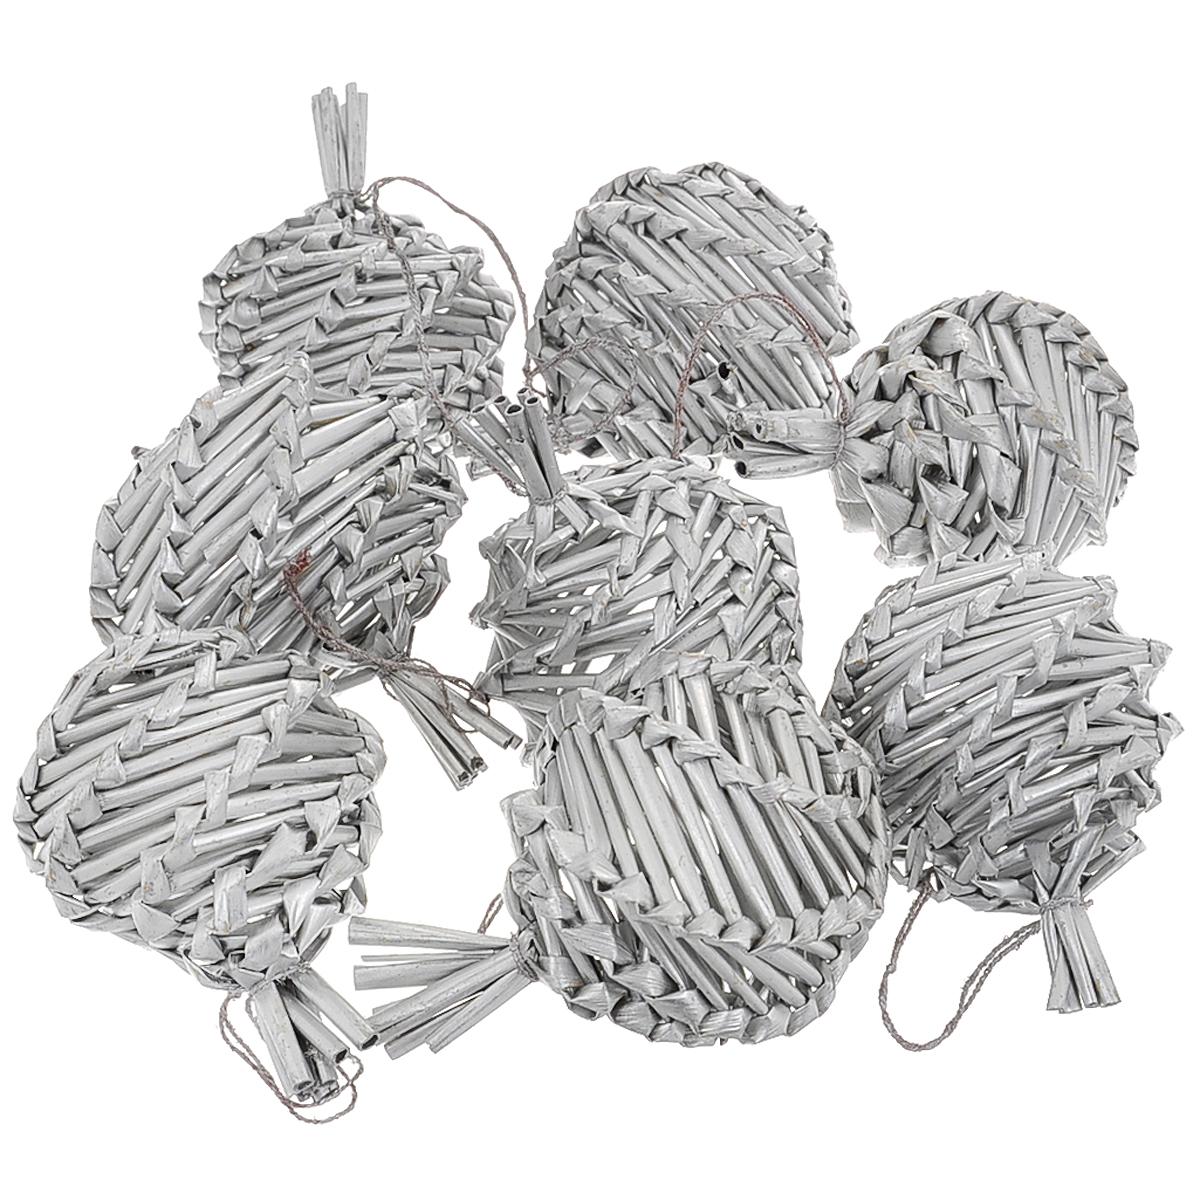 Набор новогодних подвесных украшений Соломенные шары, цвет: серебристый, 8 шт35494Набор новогодних подвесных украшений Соломенные шары, изготовленный из соломки, украсит интерьер вашего дома или офиса в преддверии Нового года. Оригинальный дизайн и красочное исполнение создадут праздничное настроение. Набор состоит из 8 фигурок в форме рельефных шариков, покрытых лаком. Украшения отлично подойдут для декорации вашего дома и новогодней ели. Игрушки оснащены специальными петлями для подвешивания.Елочная игрушка - символ Нового года. Она несет в себе волшебство и красоту праздника. Создайте в своем доме атмосферу веселья и радости, украшая всей семьей новогоднюю елку нарядными игрушками, которые будут из года в год накапливать теплоту воспоминаний. Коллекция декоративных украшений из серии Magic Time принесет в ваш дом ни с чем не сравнимое ощущение волшебства!